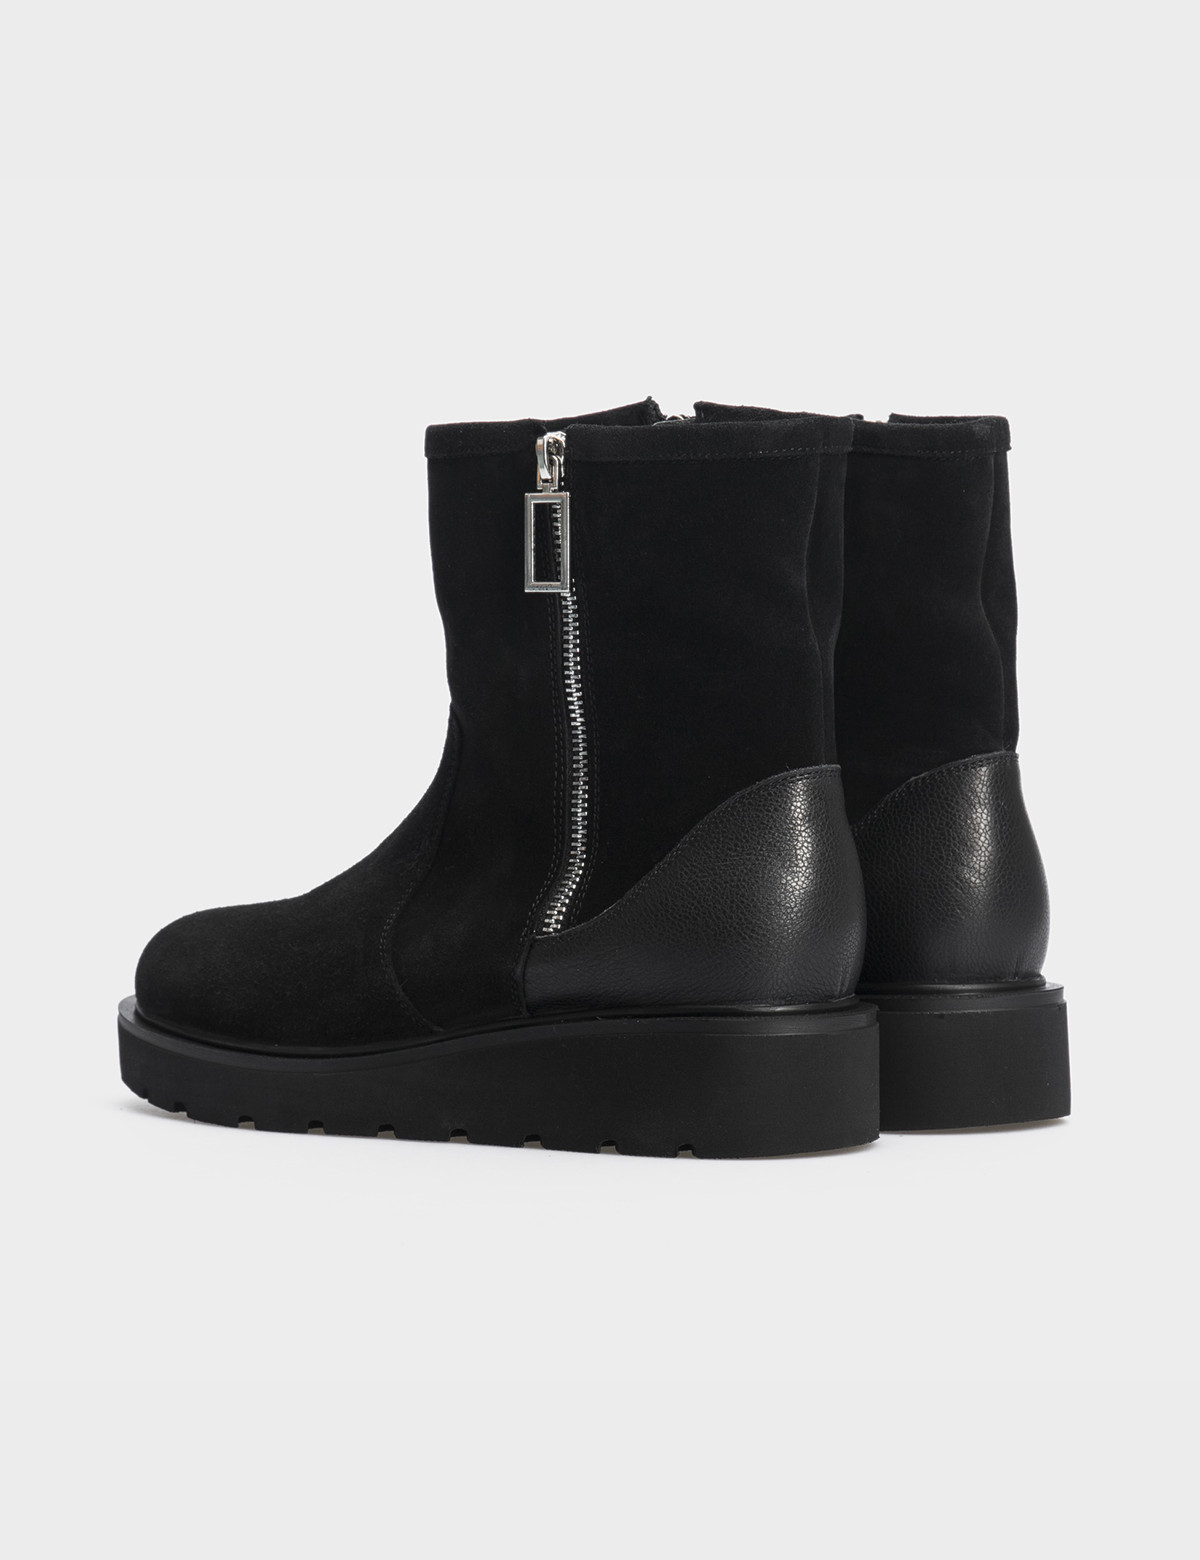 Ботинки черные натуральная замша/кожа. Шерсть2